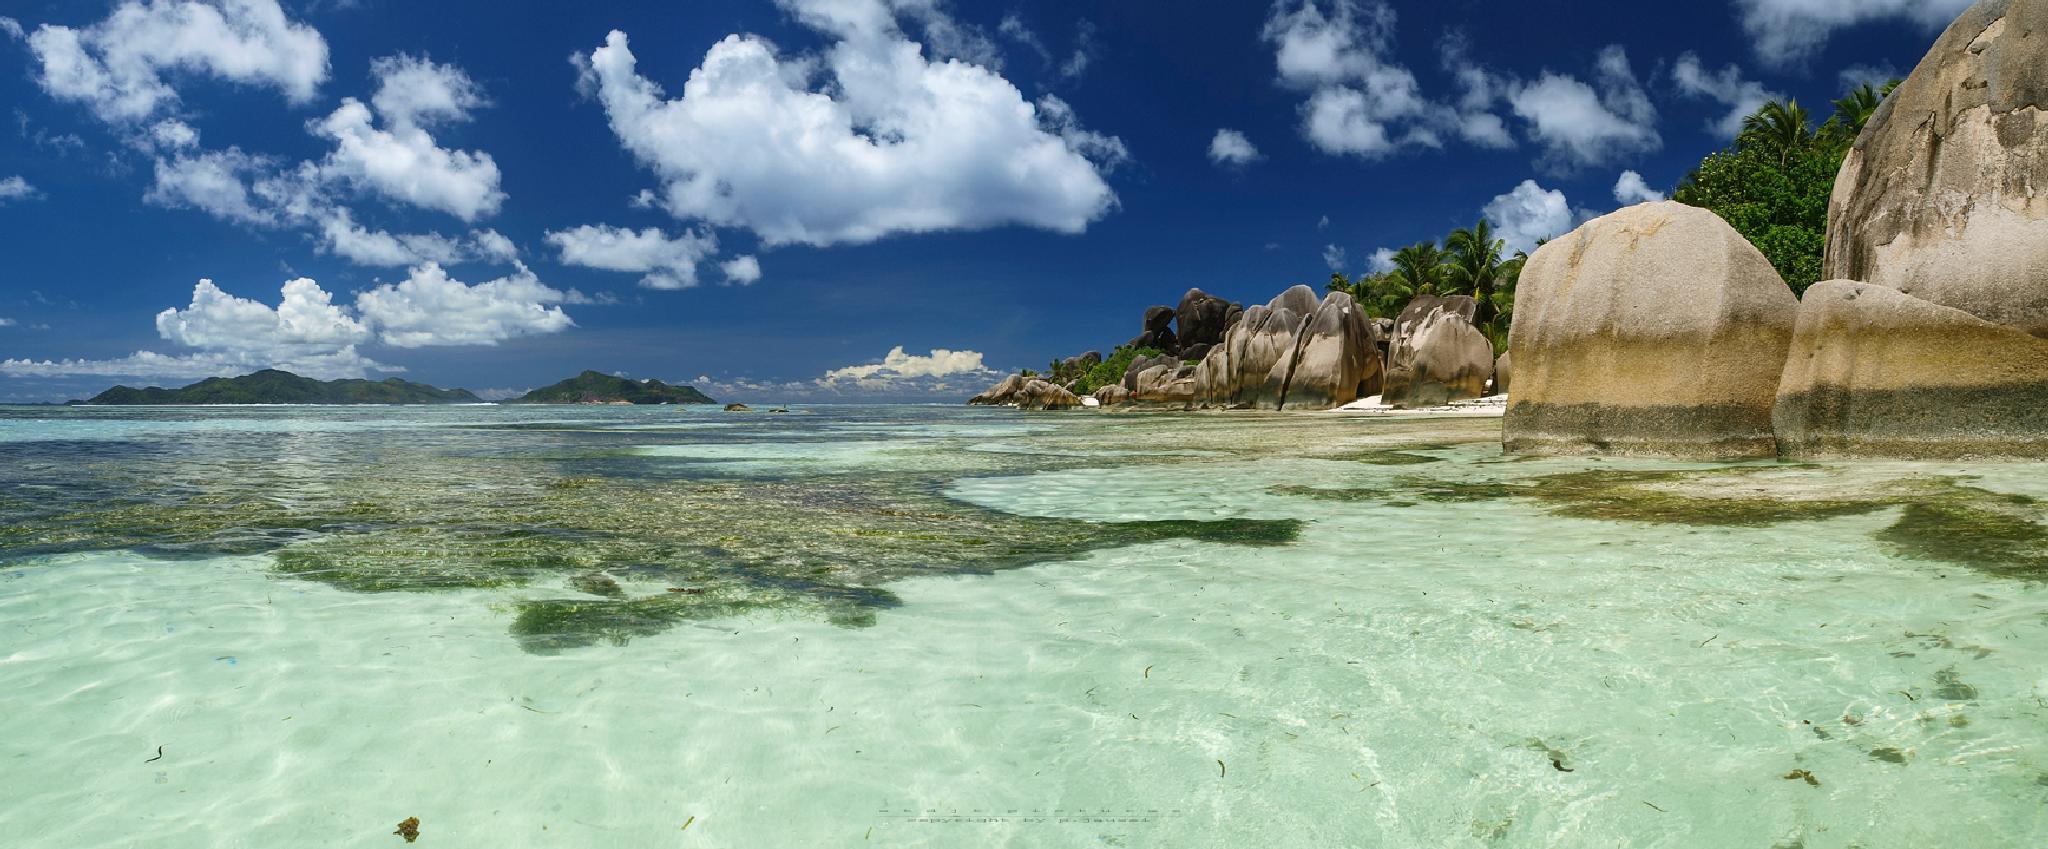 Anse Source d`Argent - La Digue Island - Seychelles 2014  by etdjtpictures